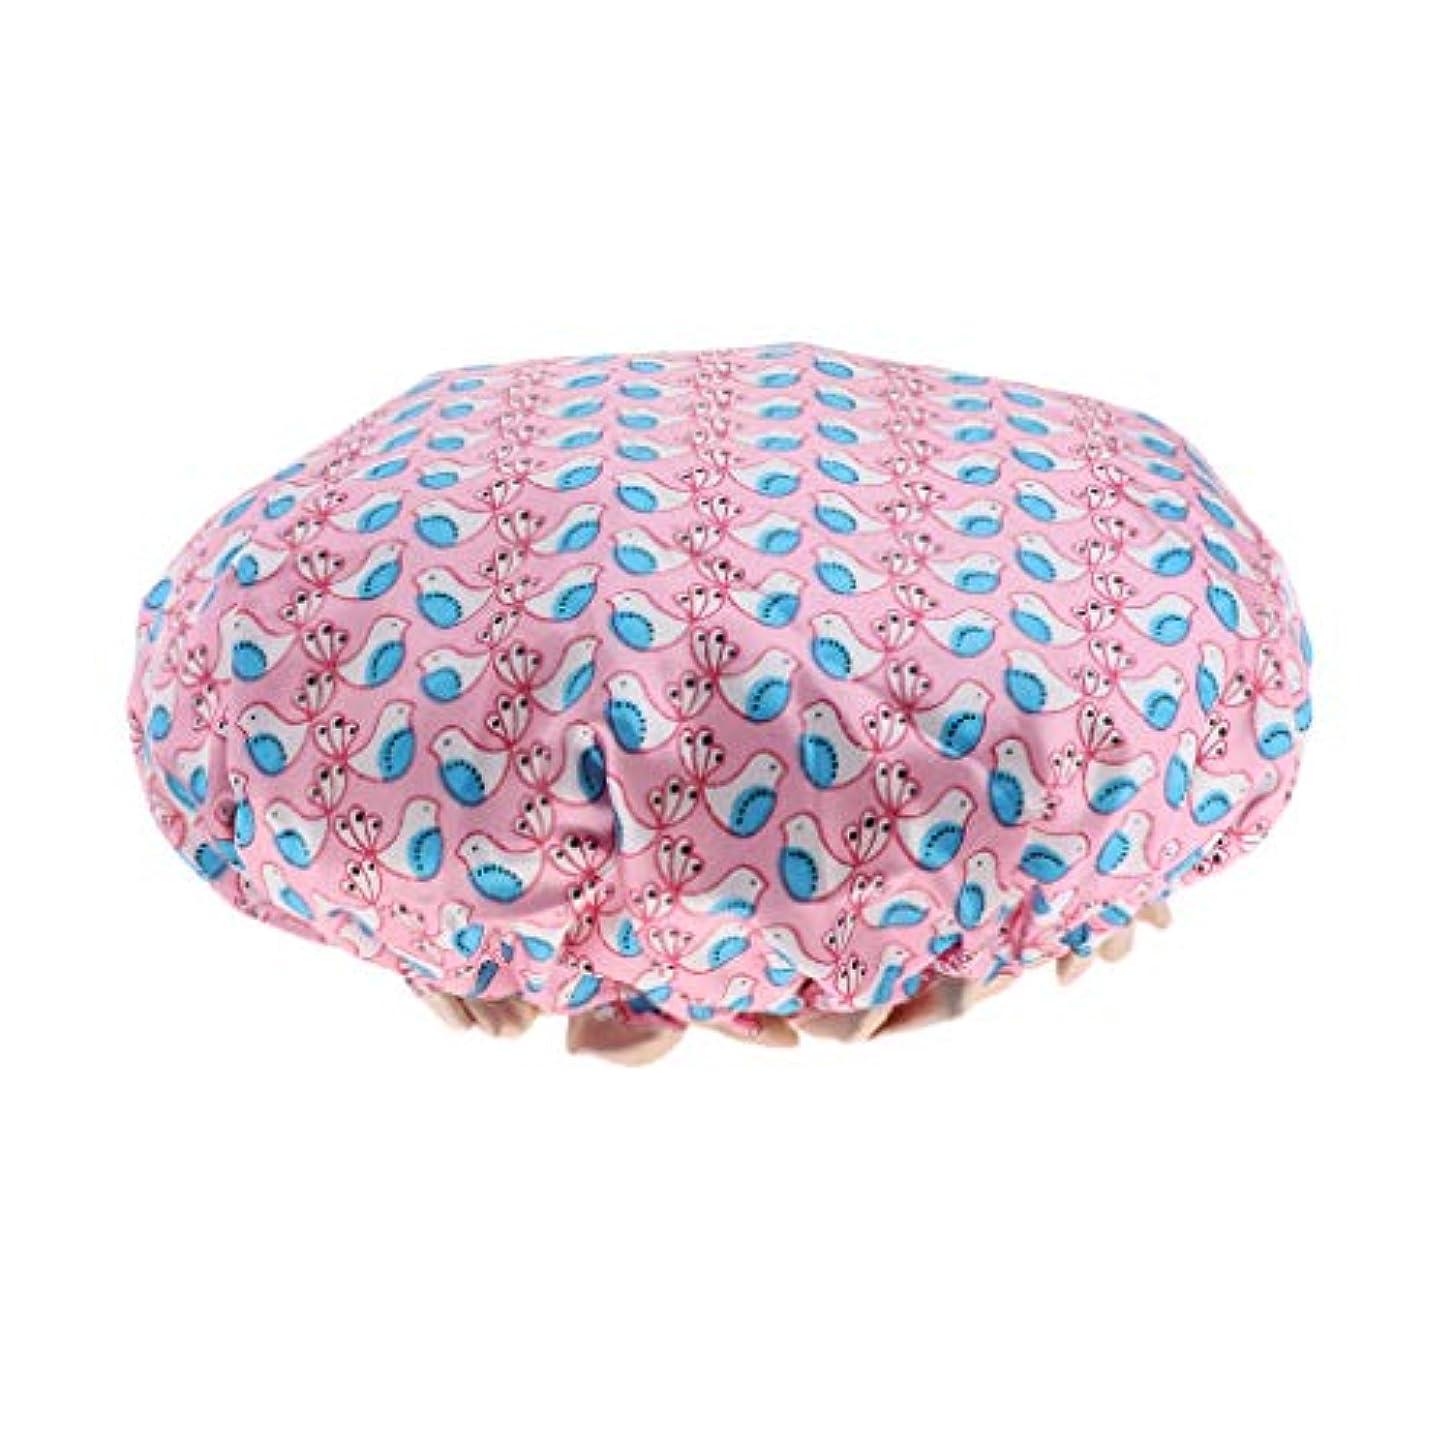 エスニック死にかけている出演者D DOLITY シャワーキャップ ヘアキャップ 帽子 女性用 入浴 バス用品 二重層 防水 全3色 - ピンク